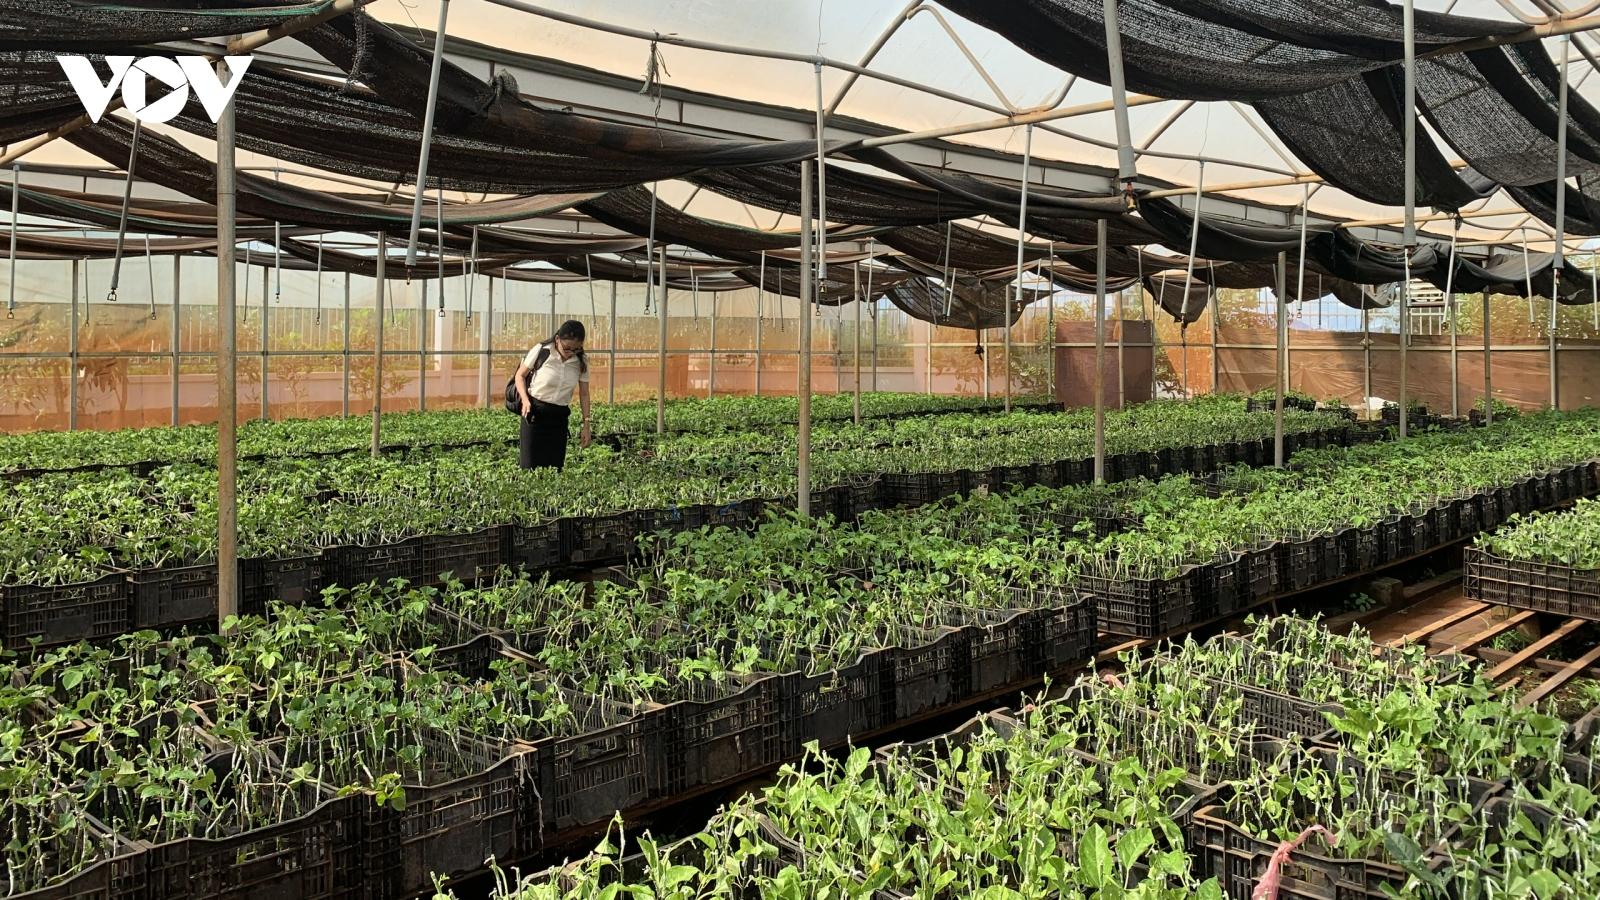 EVFTA: Áp lực và triển vọng chuyên nghiệp cho nông nghiệp Gia Lai